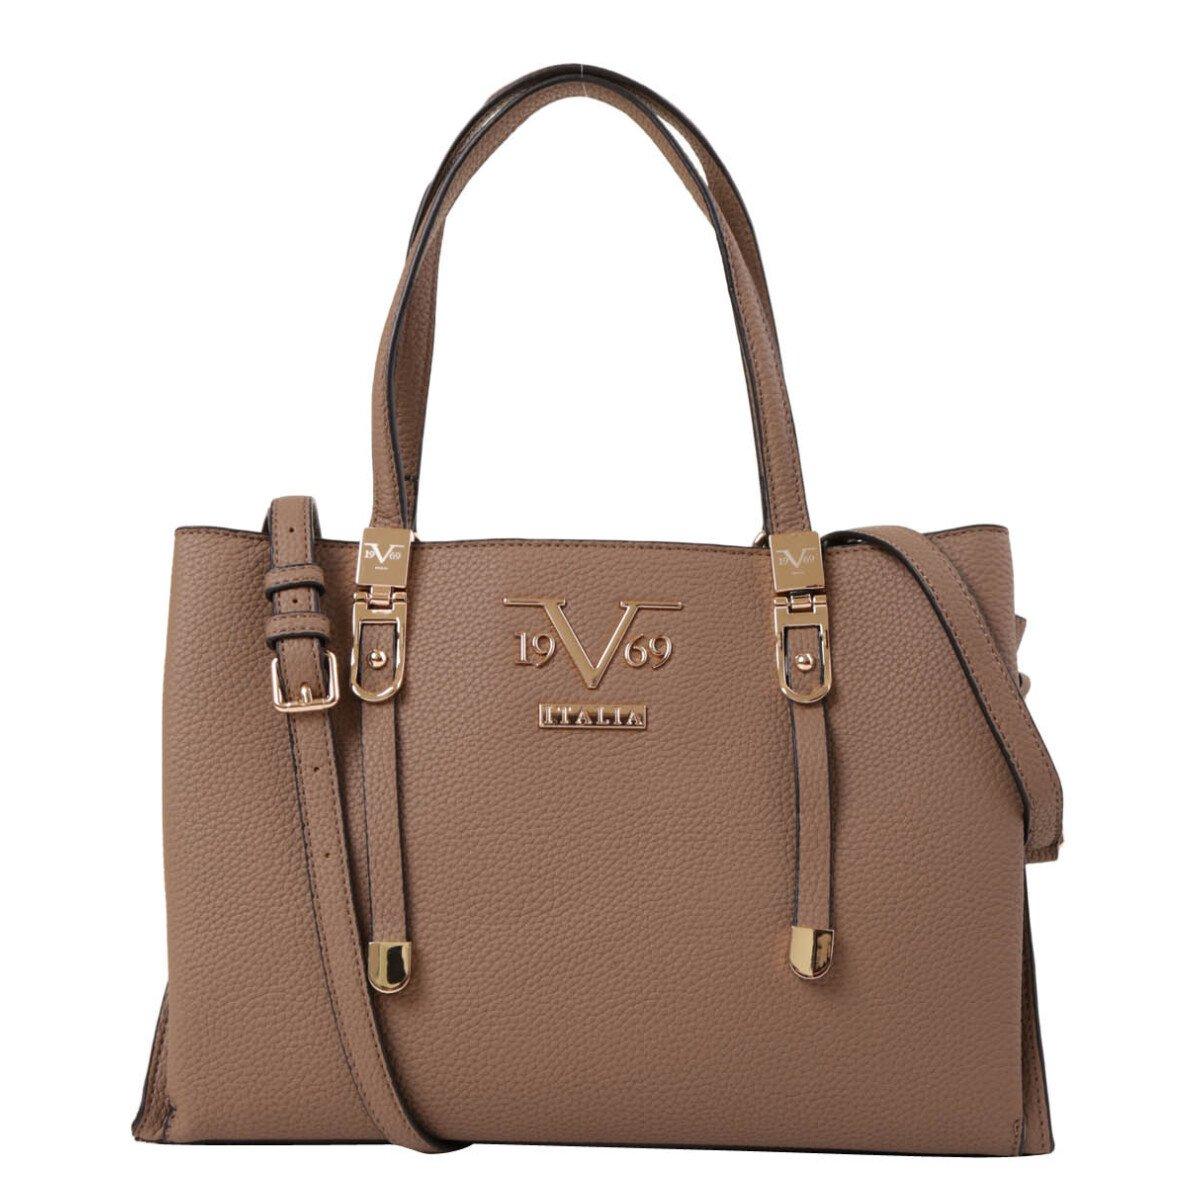 19v69 Italia Women's Handbag Various Colours 318969 - beige UNICA